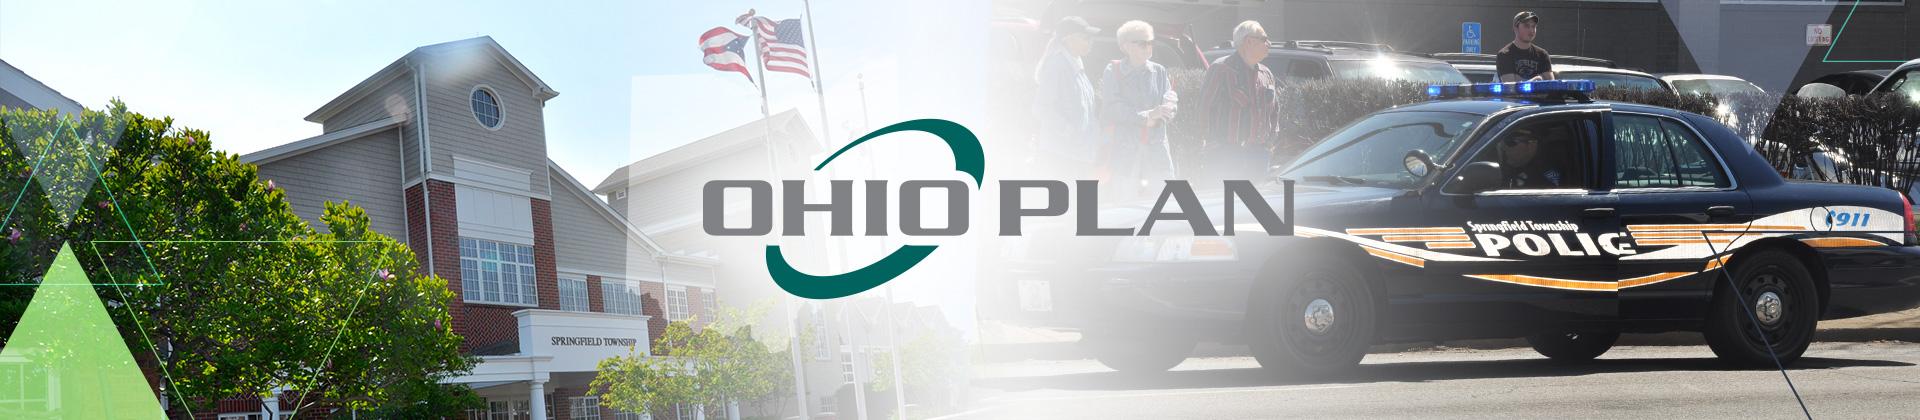 OhioPlan-slider8